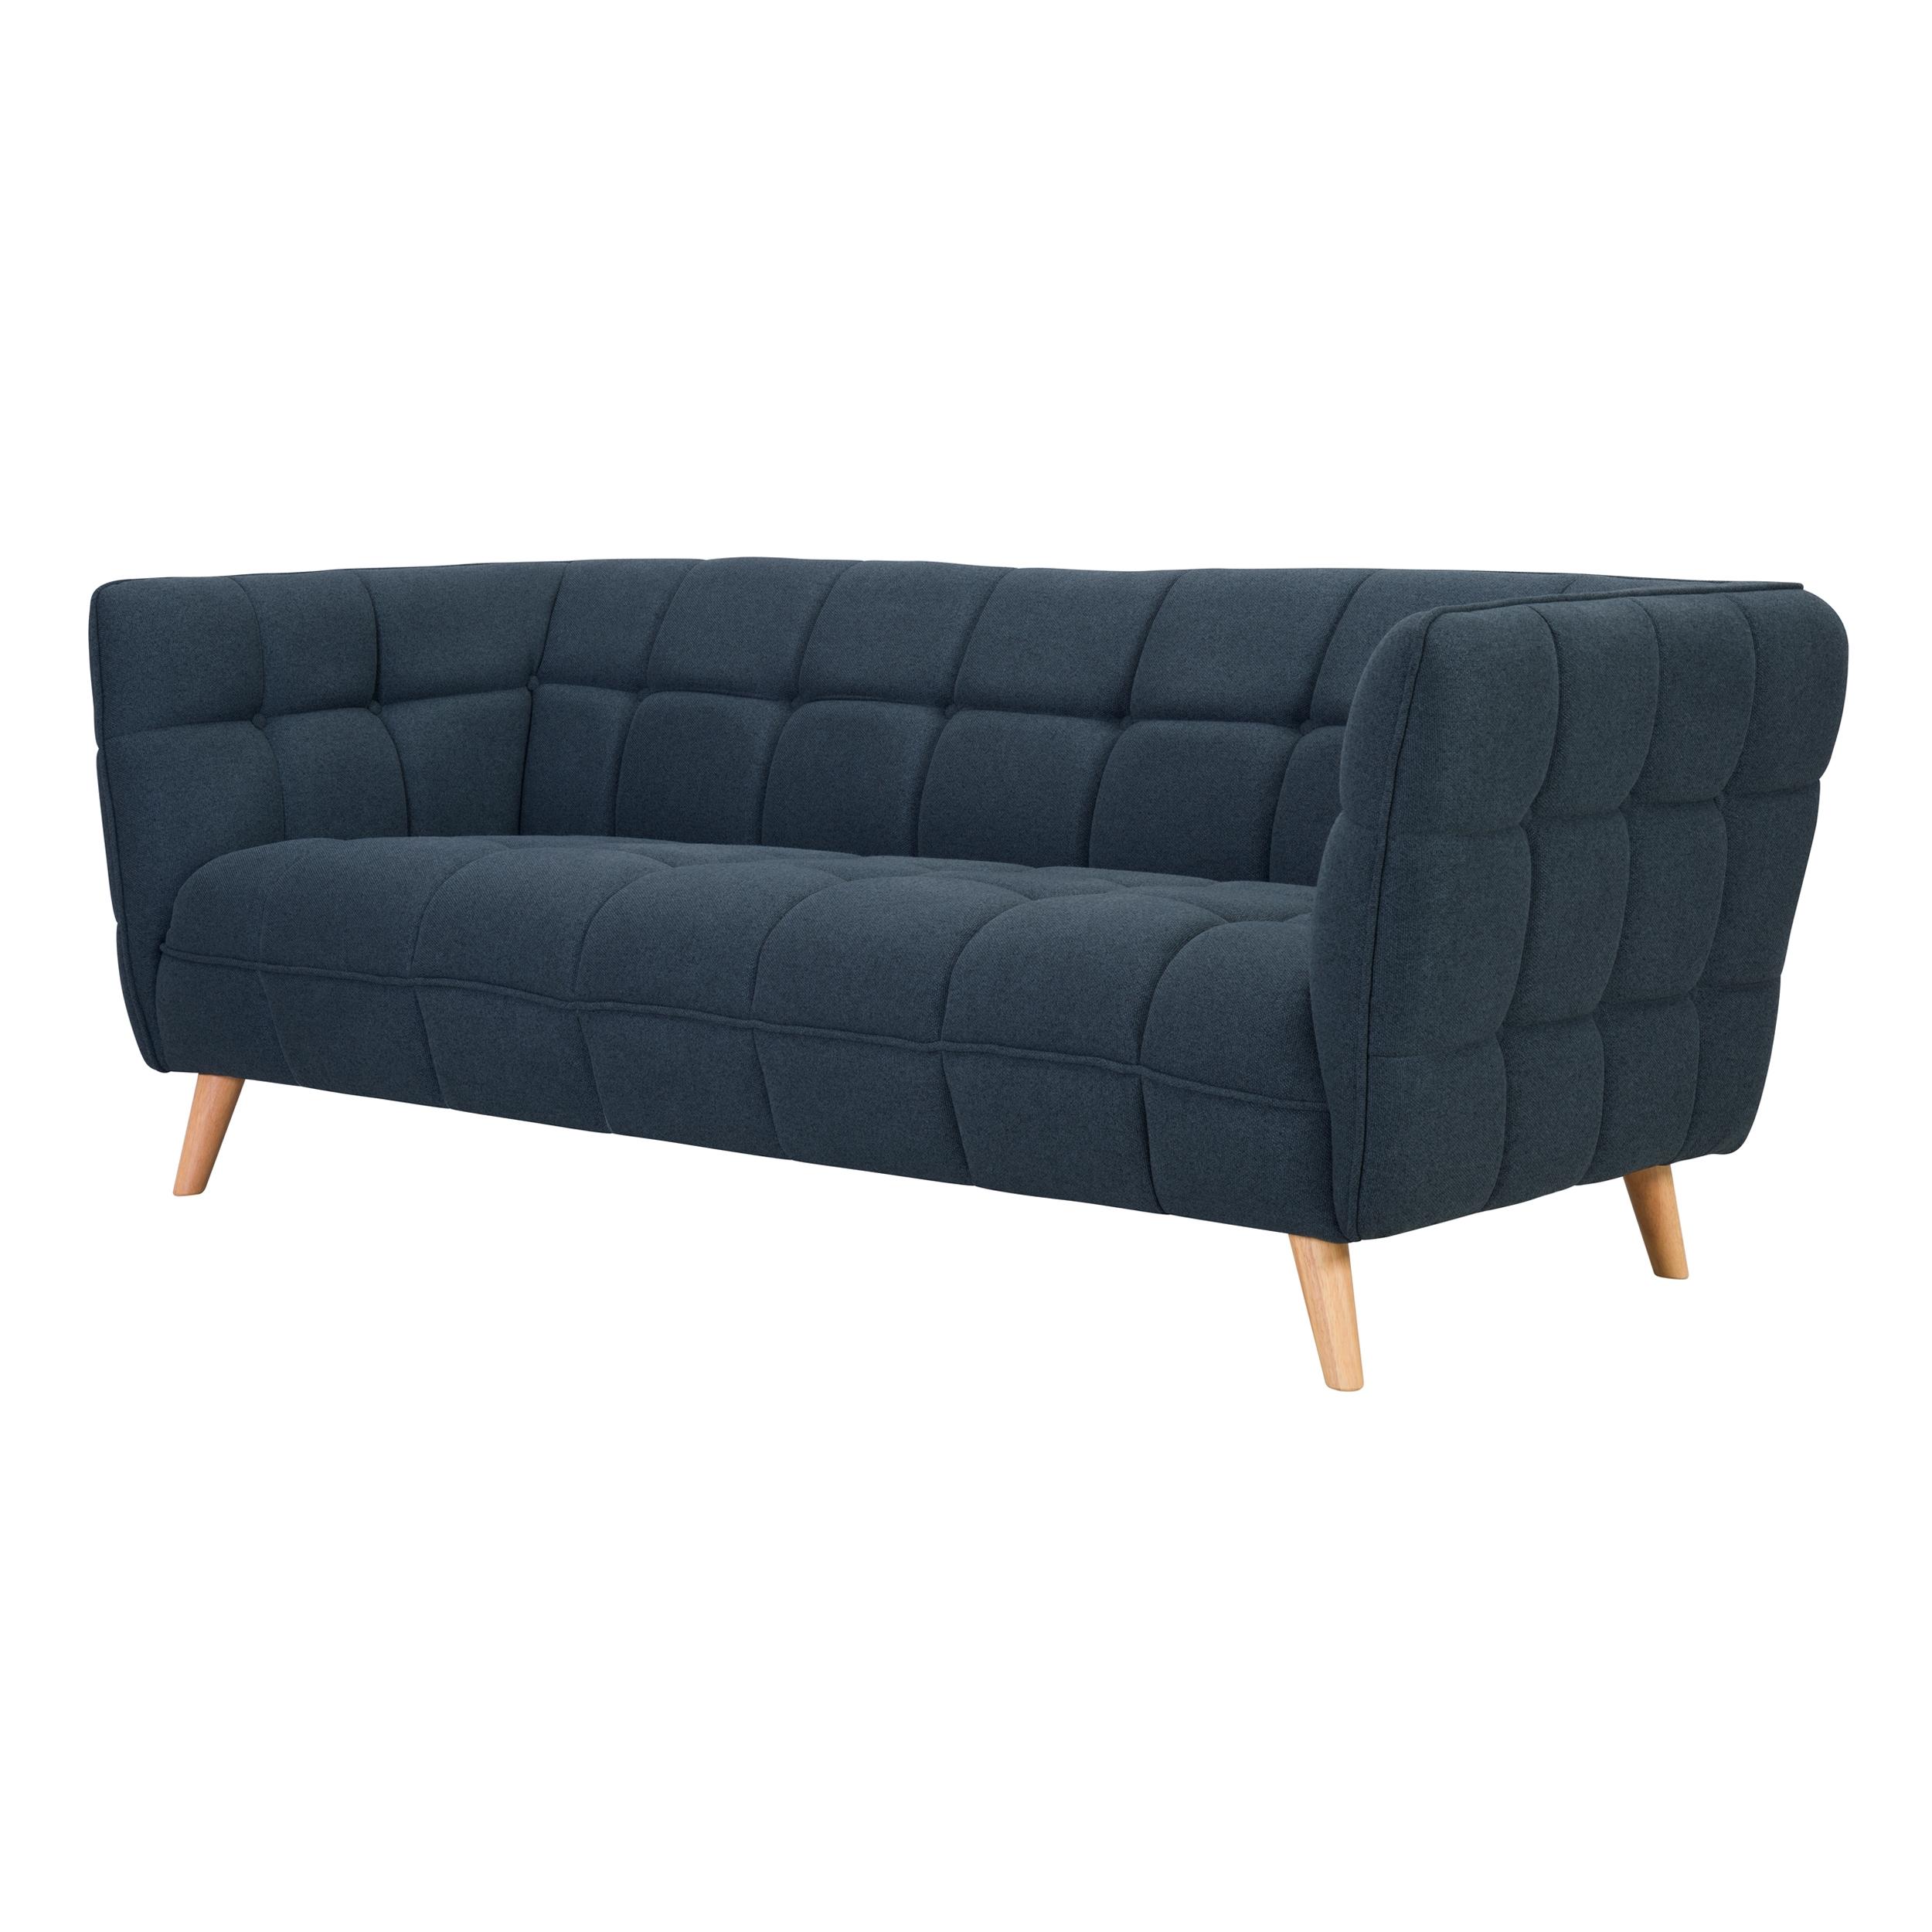 Canapé 3 places en tissu bleu gris